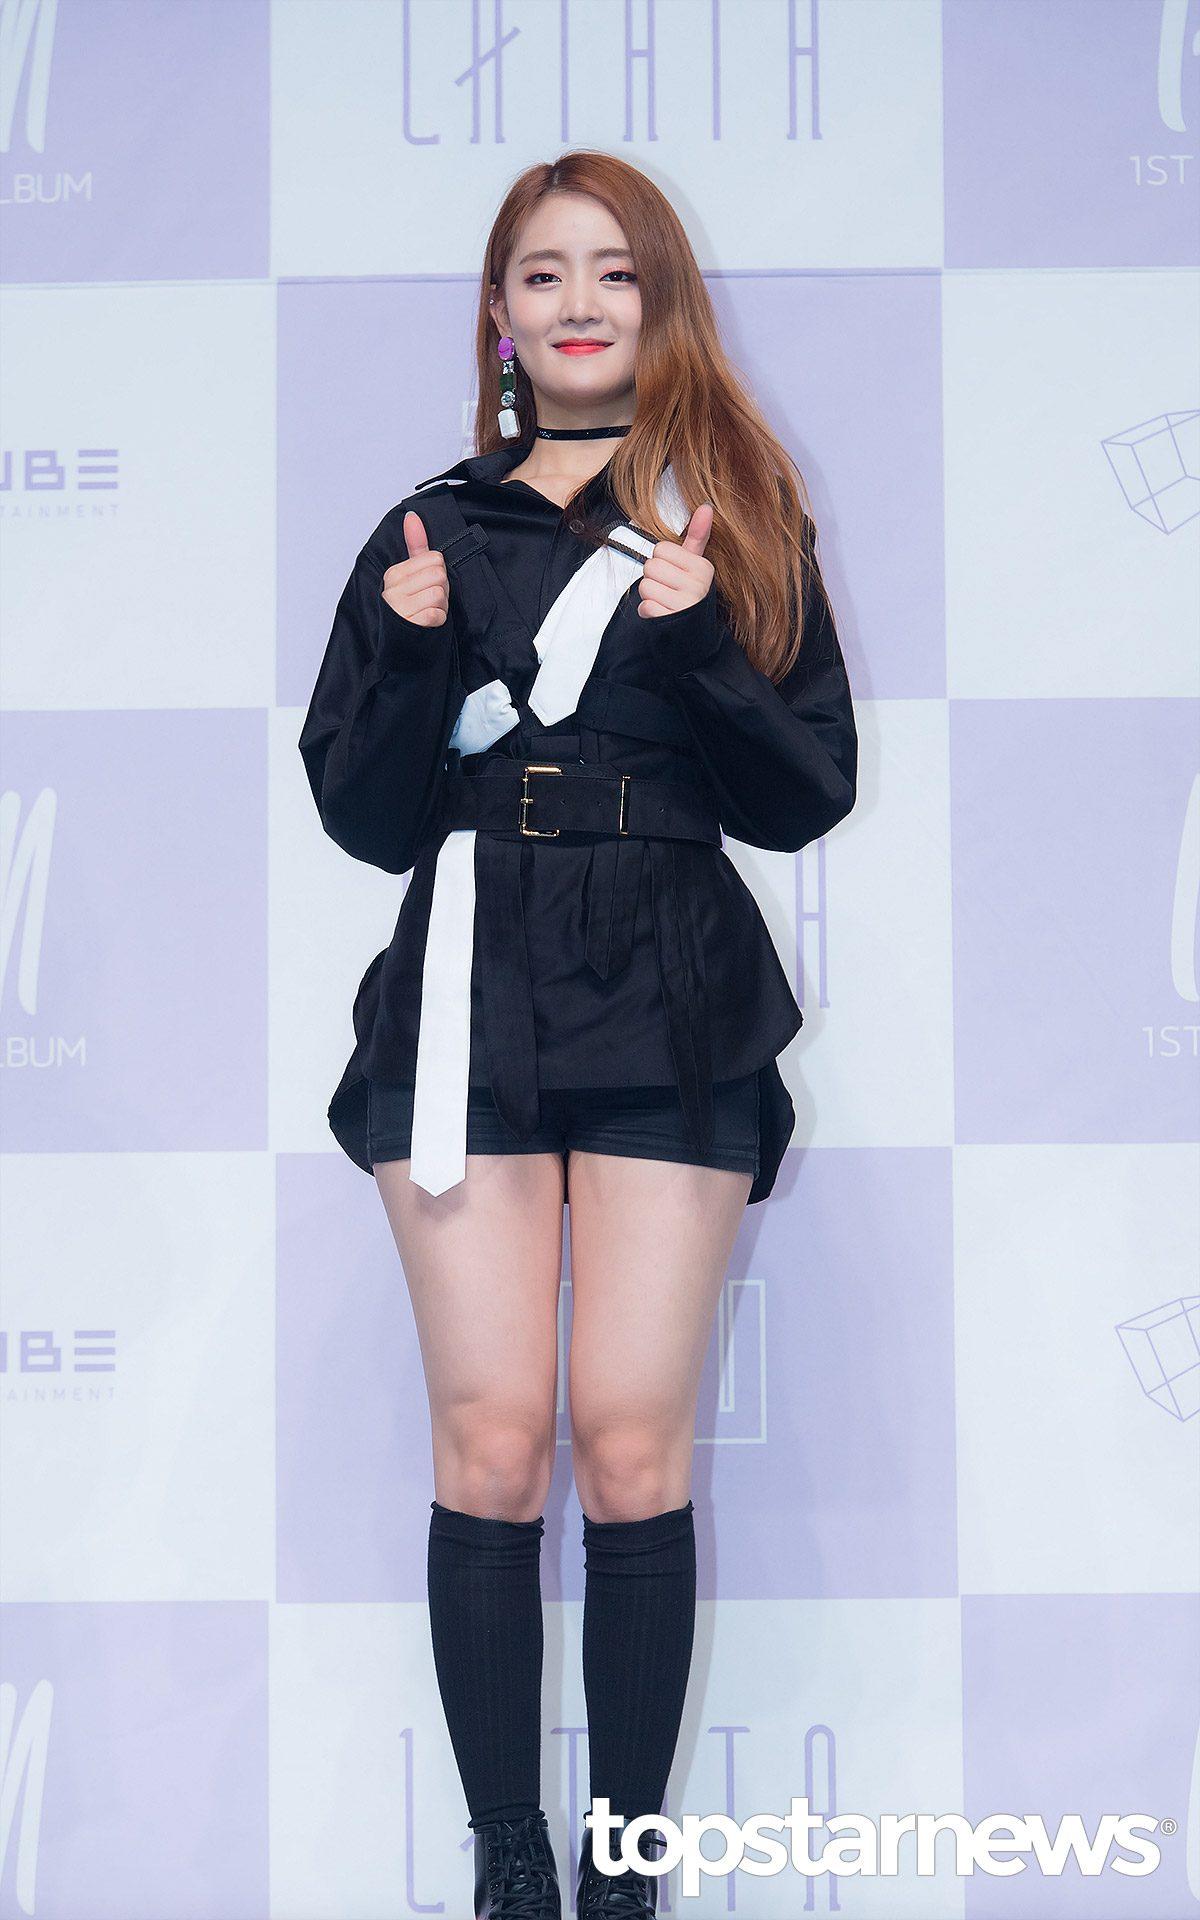 ◇Minnie: CUBE 新女團(G)I-DLE的泰國籍成員Minnie,雖然剛出道幾天,沒有太多的私服照可以和大家分享,但就打歌服照可以發現,Minnie的風格式在街頭時尚中,又添加了一些性感風味。這整套一樣是用黑色做主打,中間利用腰帶啦長腿部比例,並用白色單品做點綴。